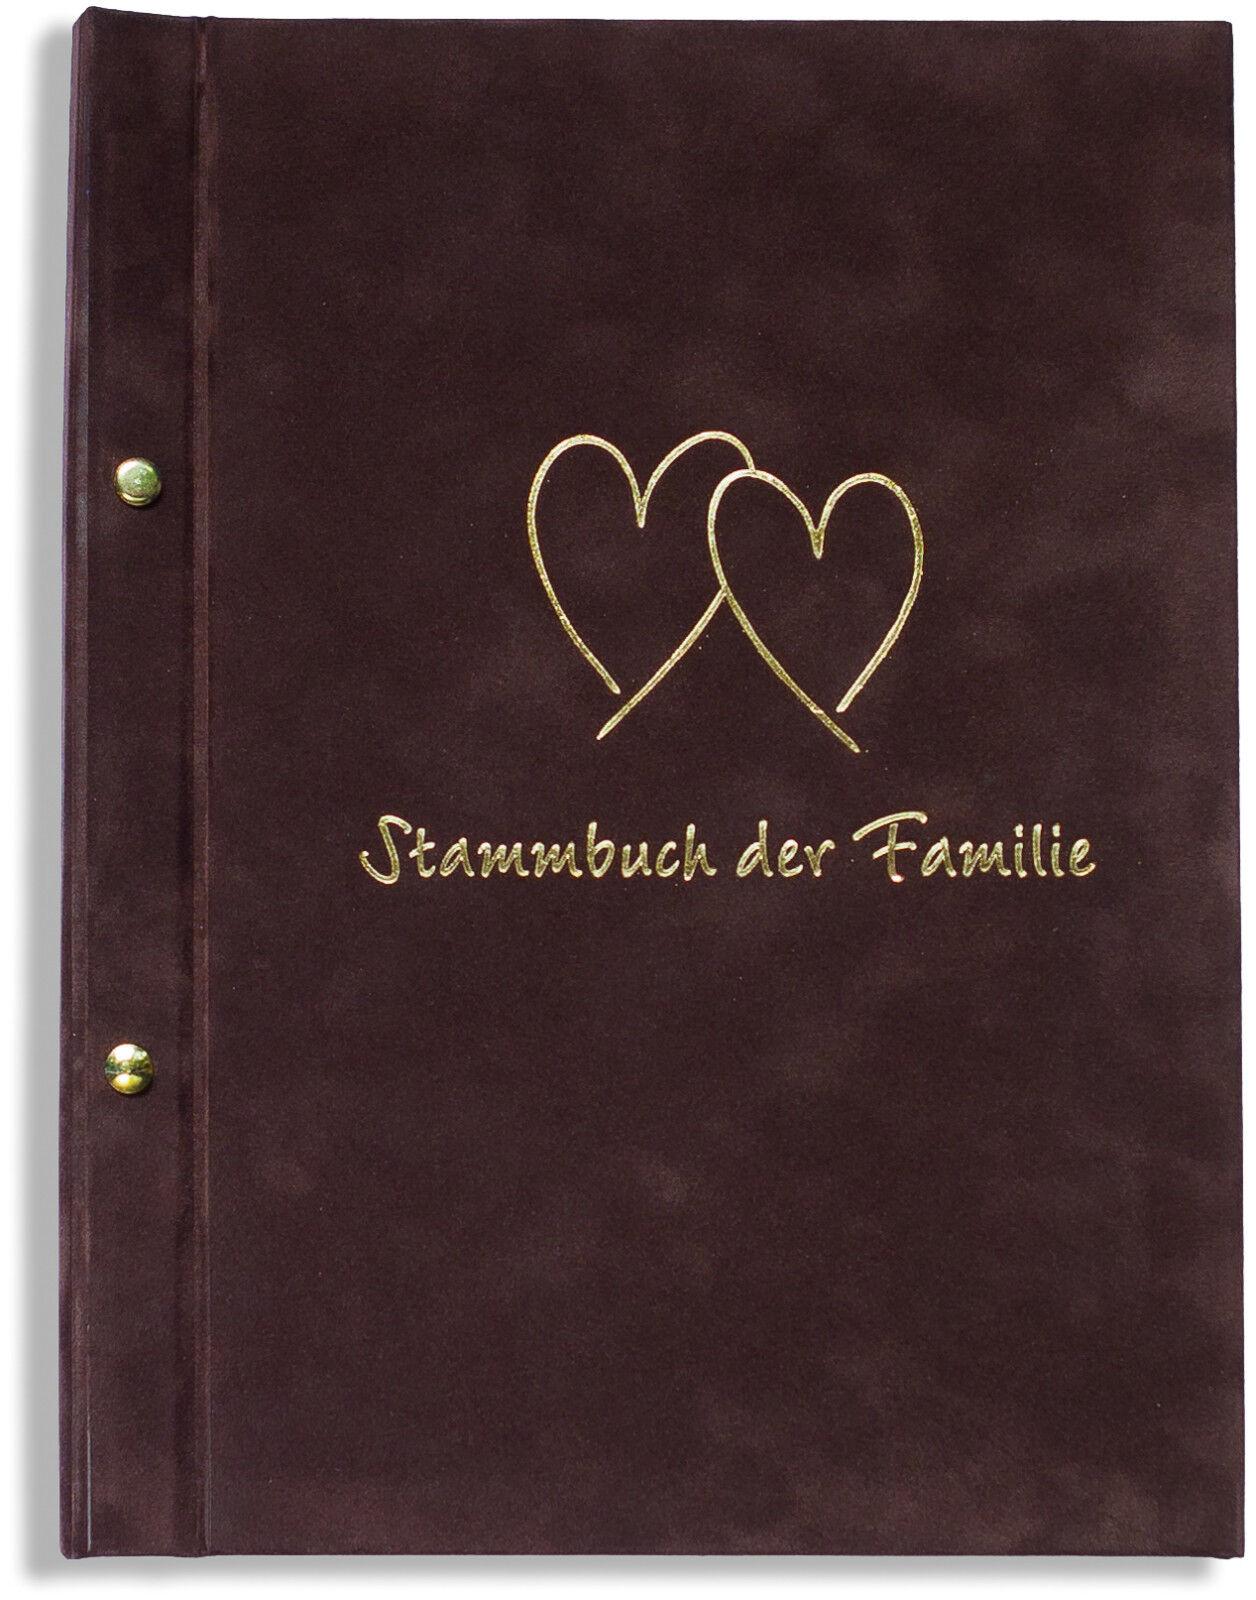 A4 Stammbuch der Familie -Grandos-, braun, Familienstammbuch, Stammbücher Din A4 | Günstigstes  | Export  | Guter Markt